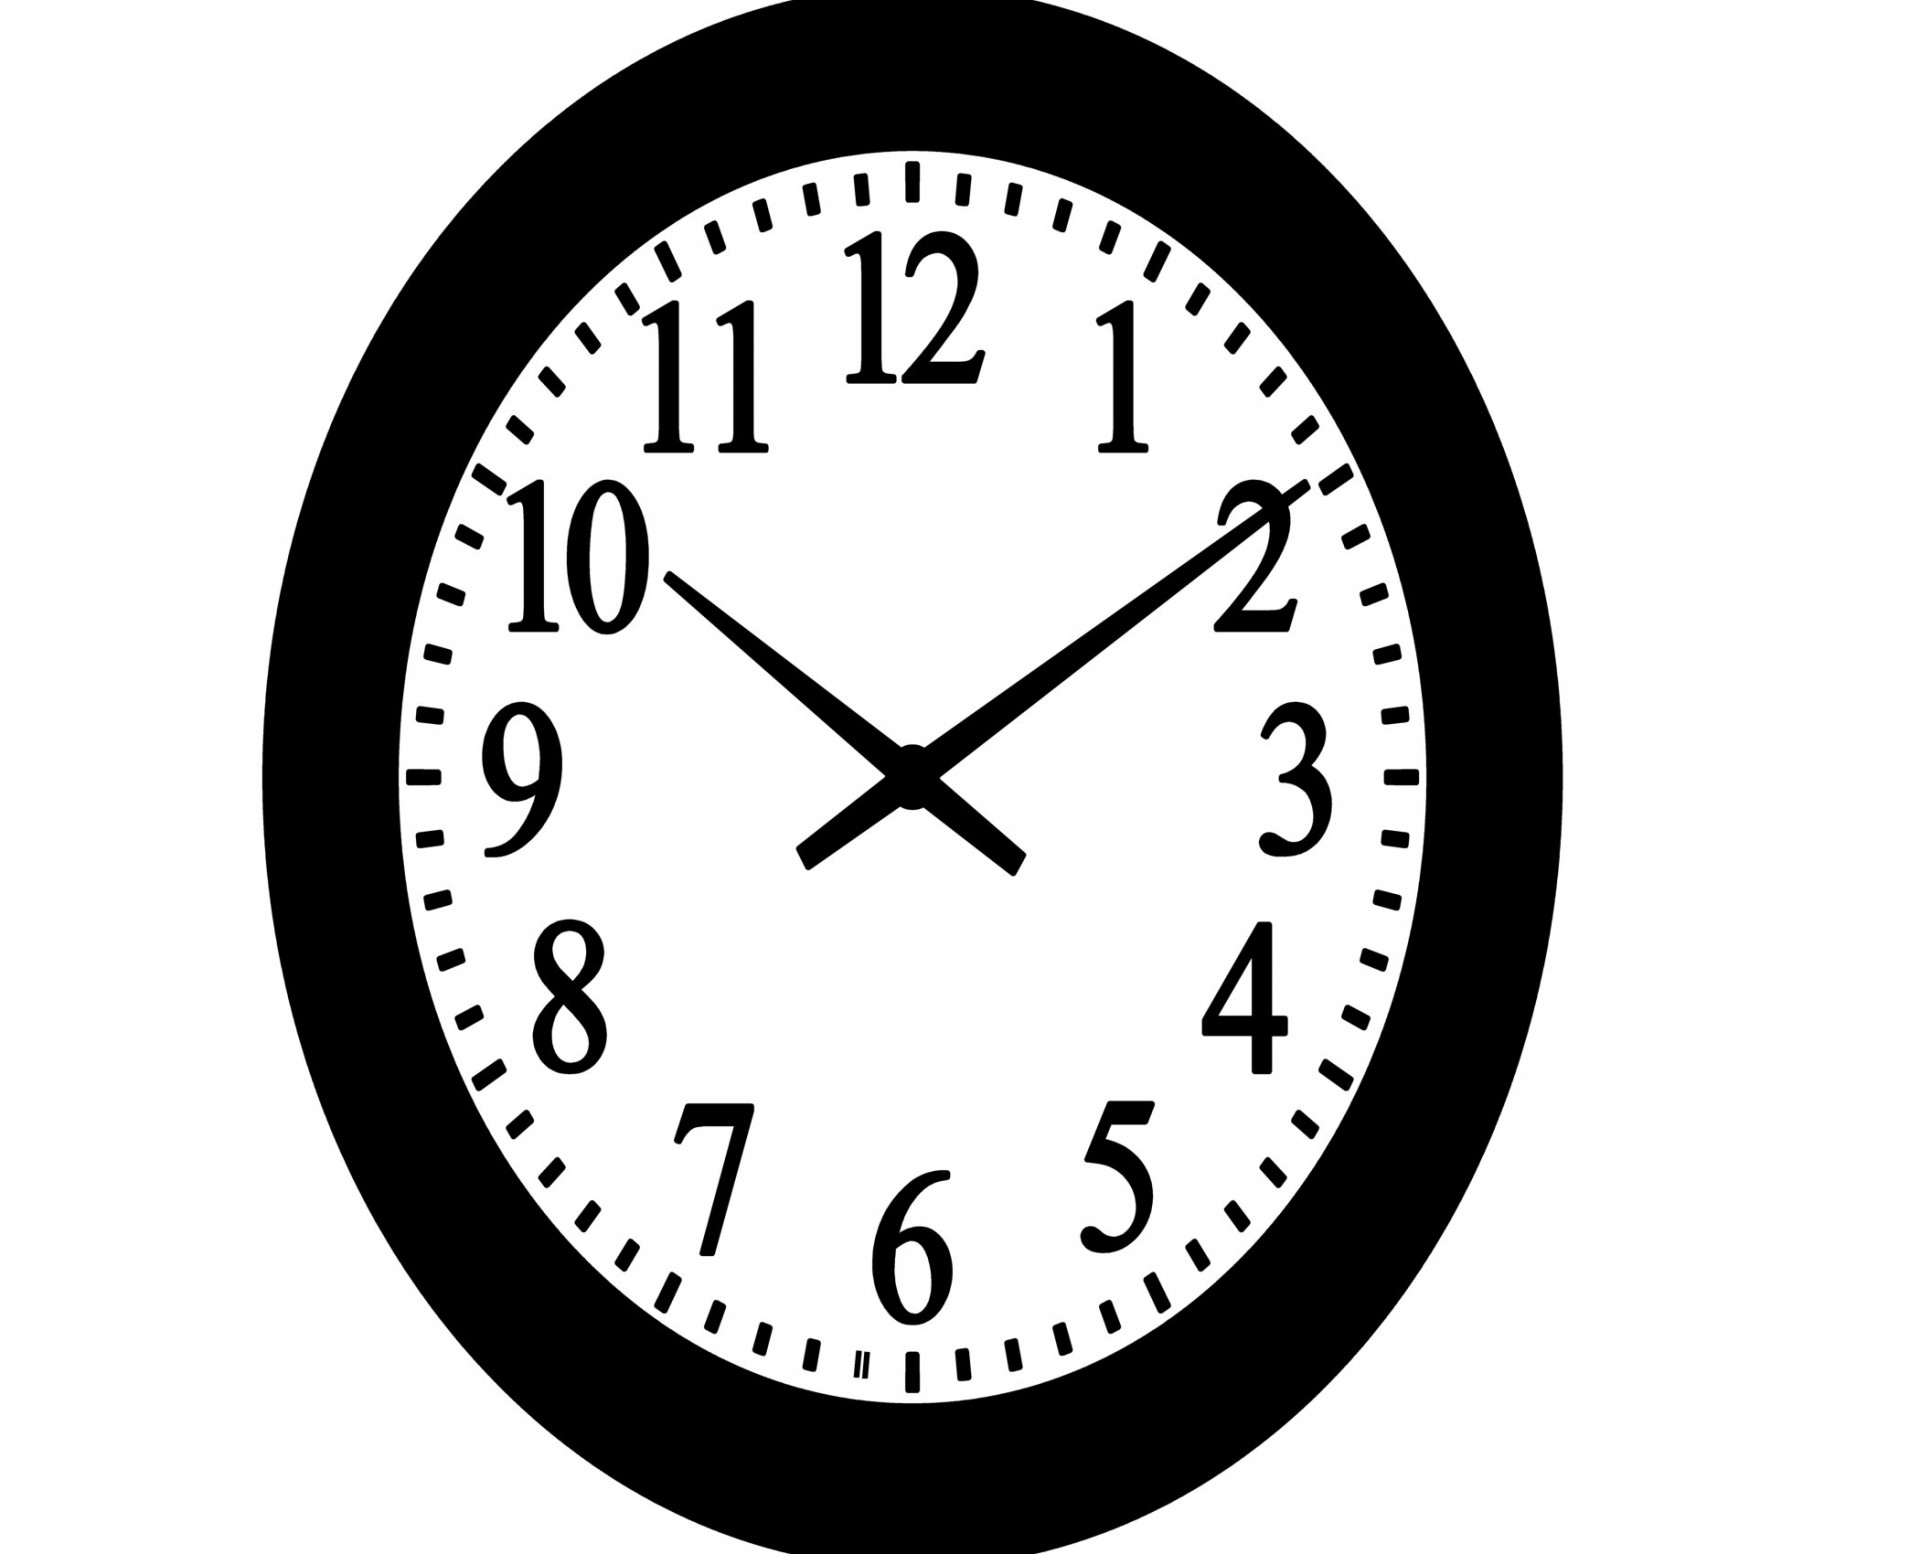 Wall Clock Clip Art Free Stock Photo